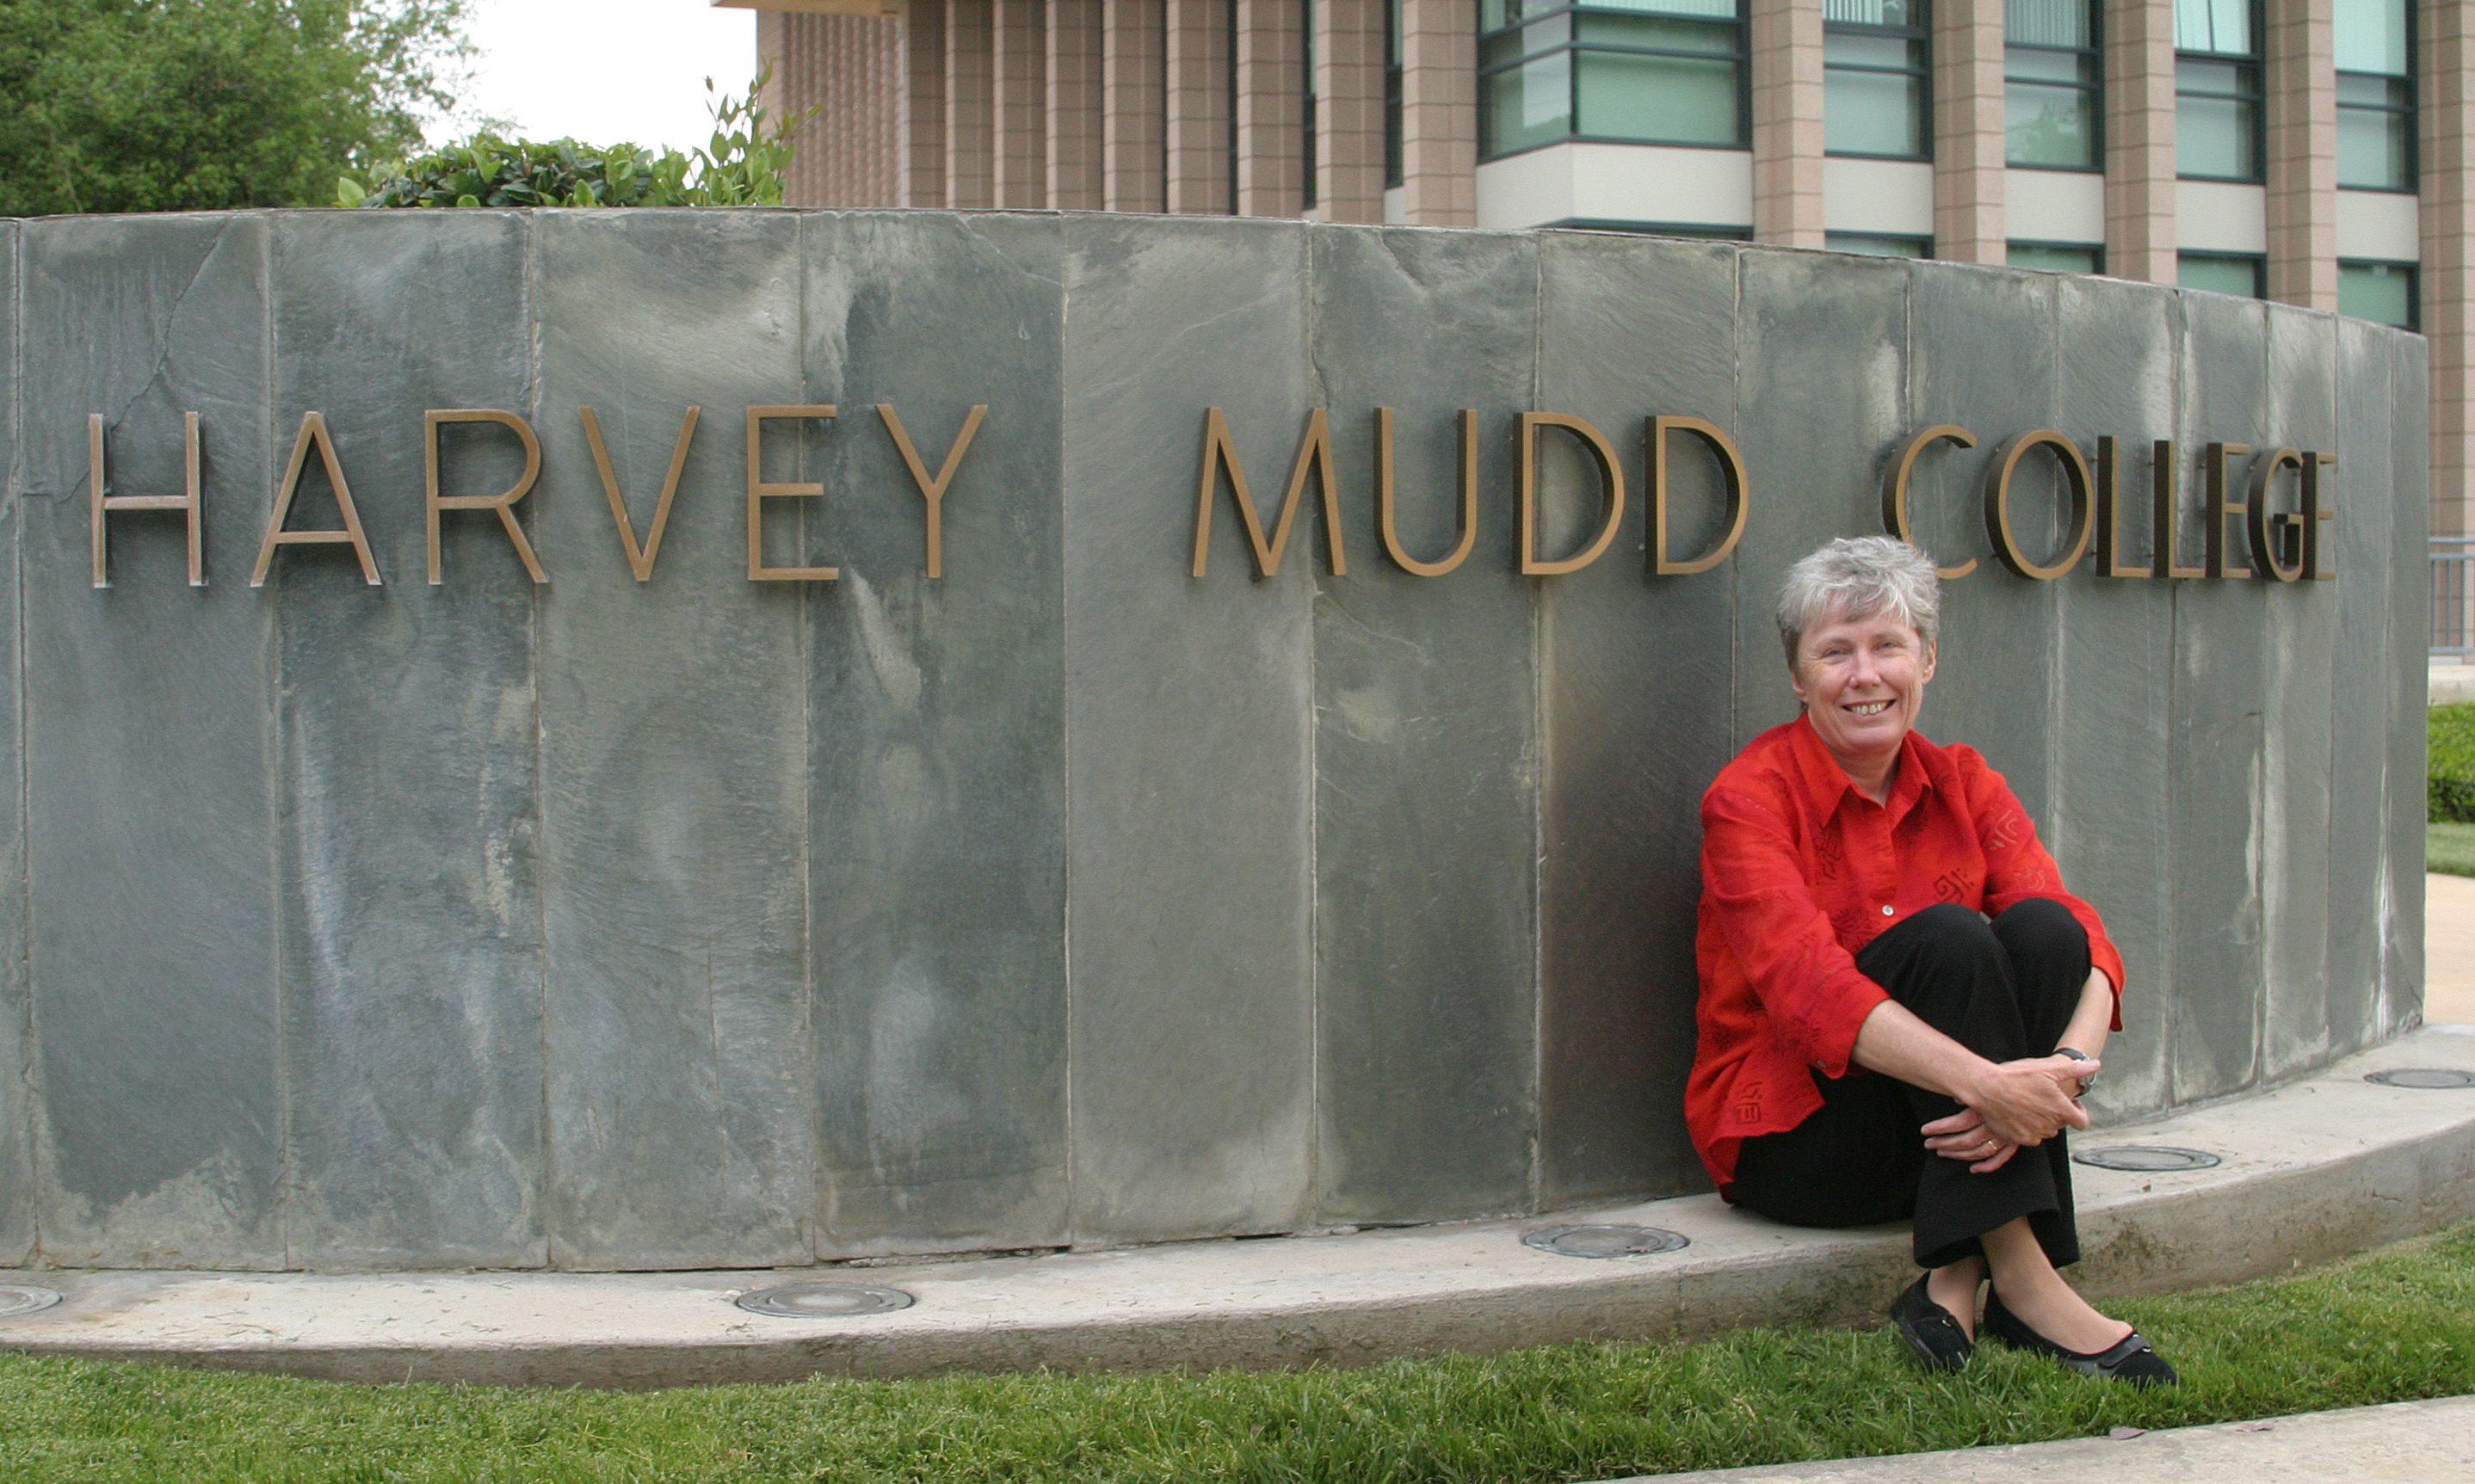 Maria Klawe is president of Harvey Mudd College